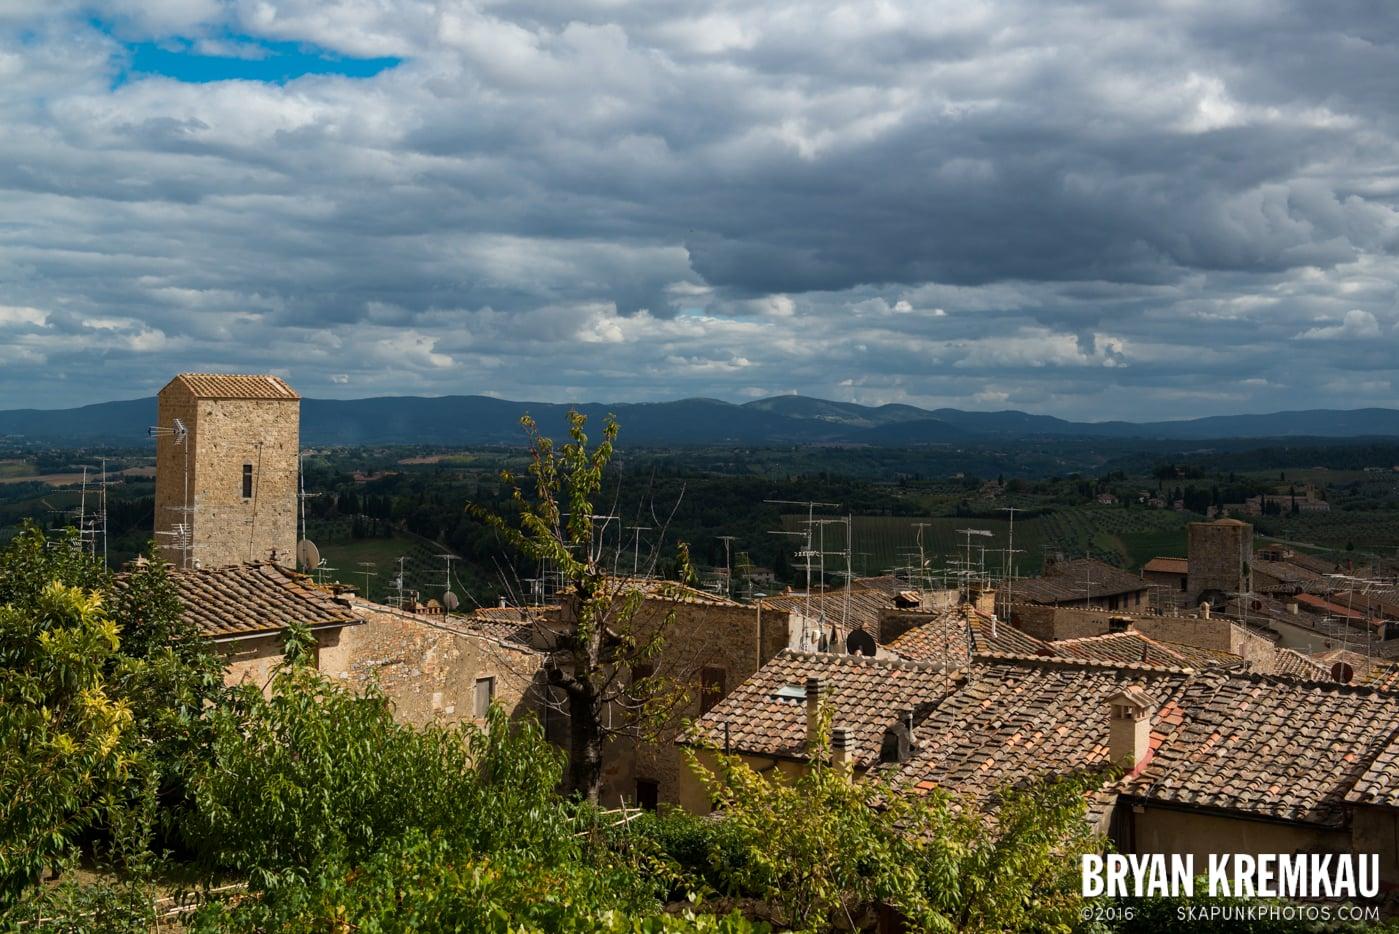 Italy Vacation - Day 8: Siena, San Gimignano, Chianti, Pisa - 9.16.13 (62)